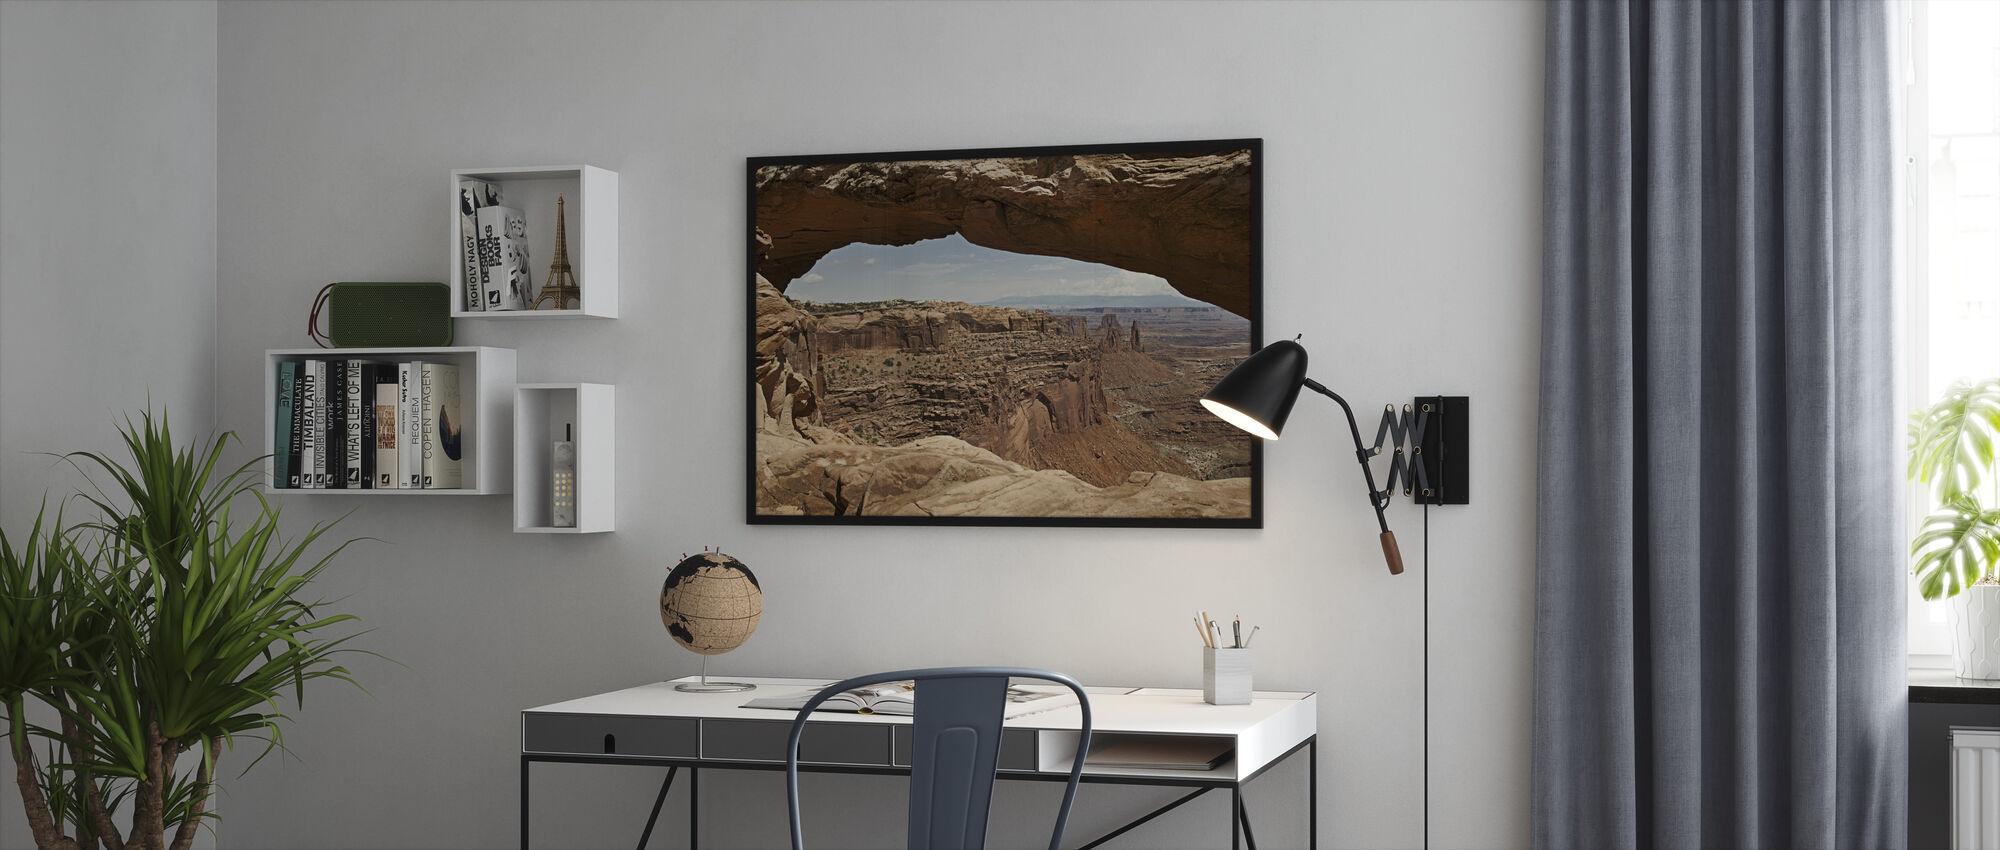 Mesa Arch - Kehystetty kuva - Toimisto